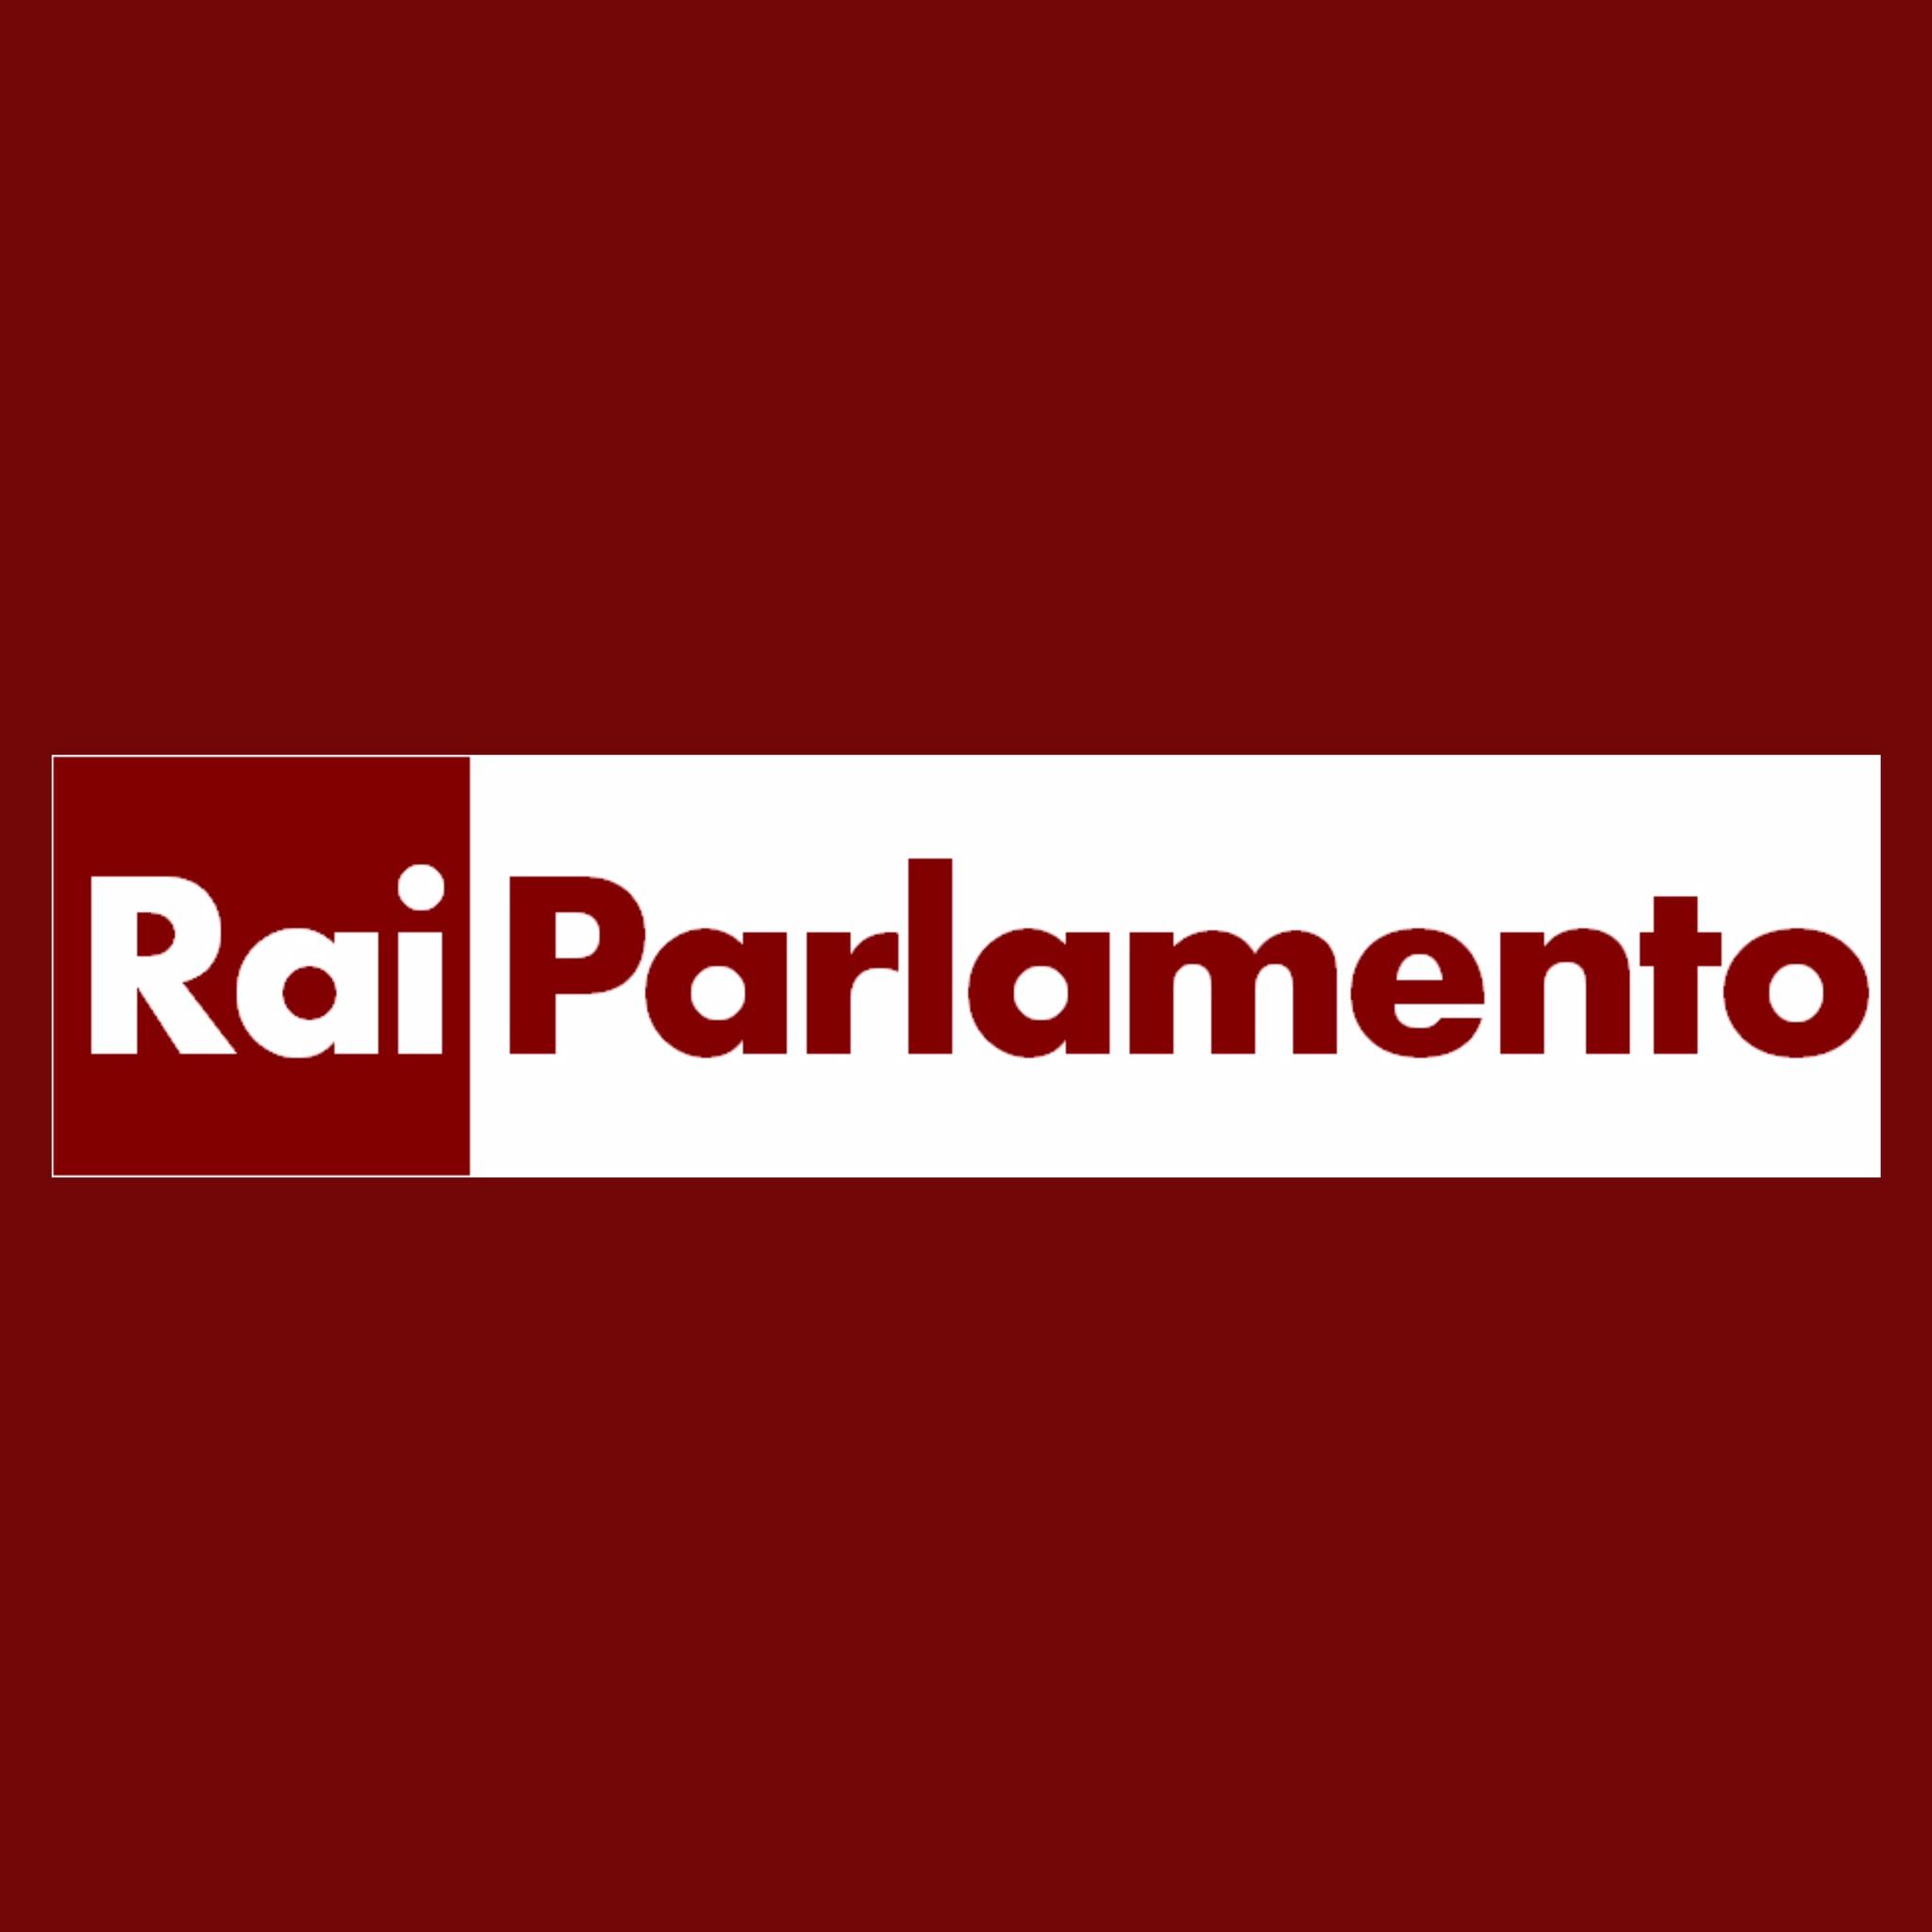 Logo rai parlamento